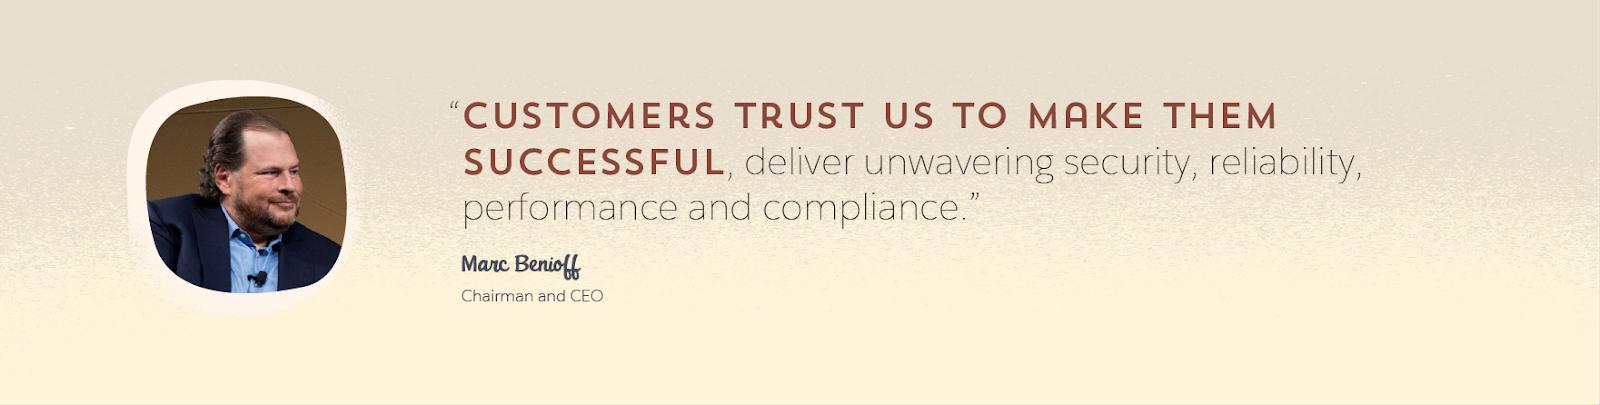 Image de Marc Benioff, Président directeur général de Salesforce, et une citation de lui: «Les clients nous font confiance pour les aider à réussir, leur offrir une sécurité, une fiabilité, des performances et une conformité inébranlables.»